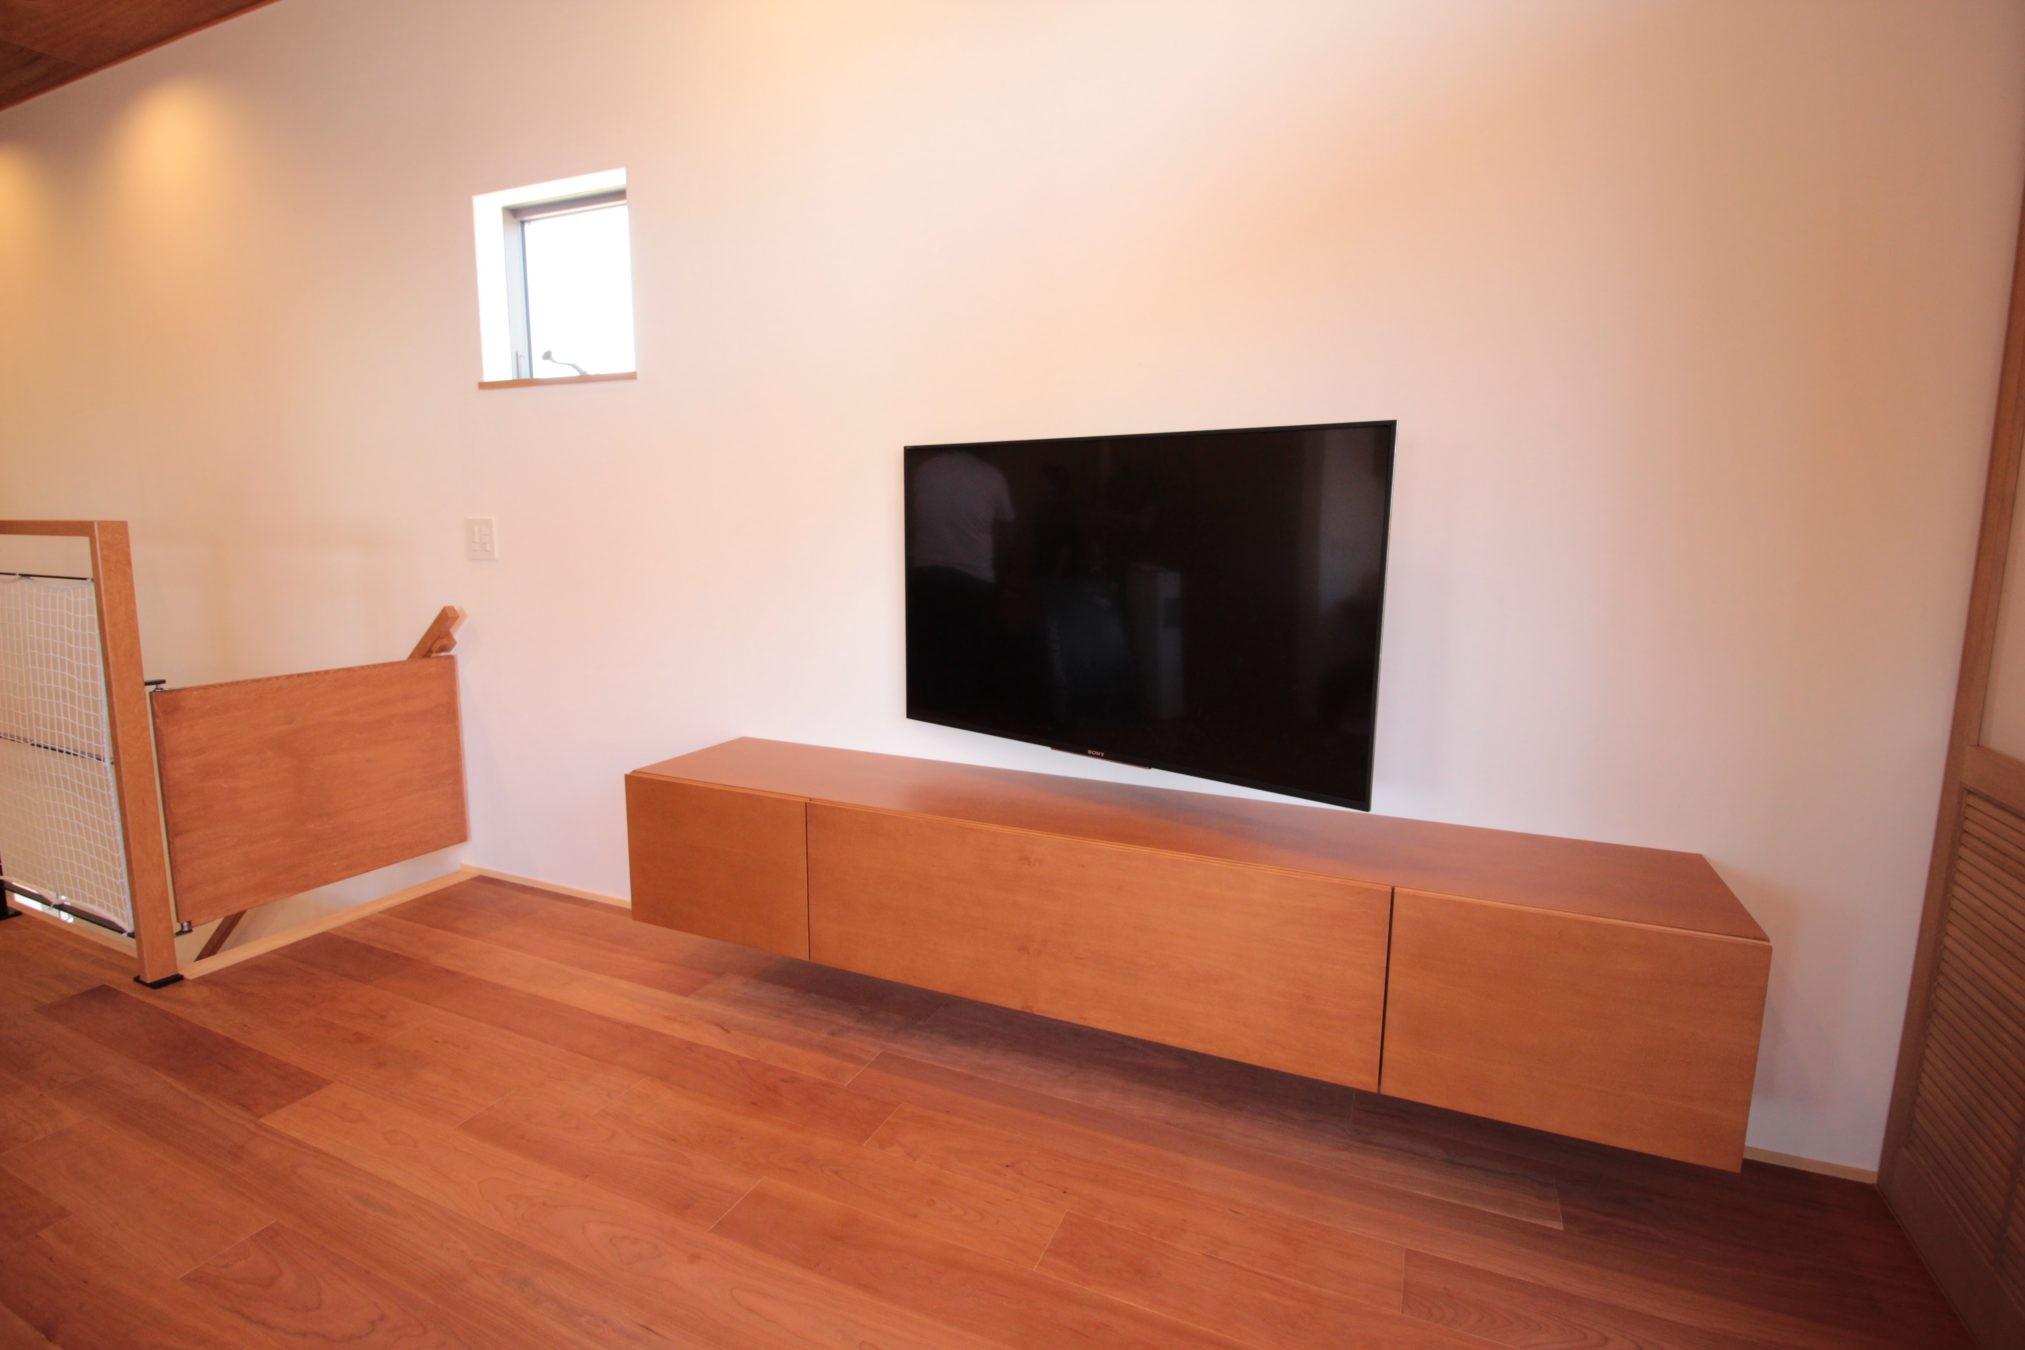 その他事例:テレビボード(和の素材感をモダンにアレンジした新築住宅)